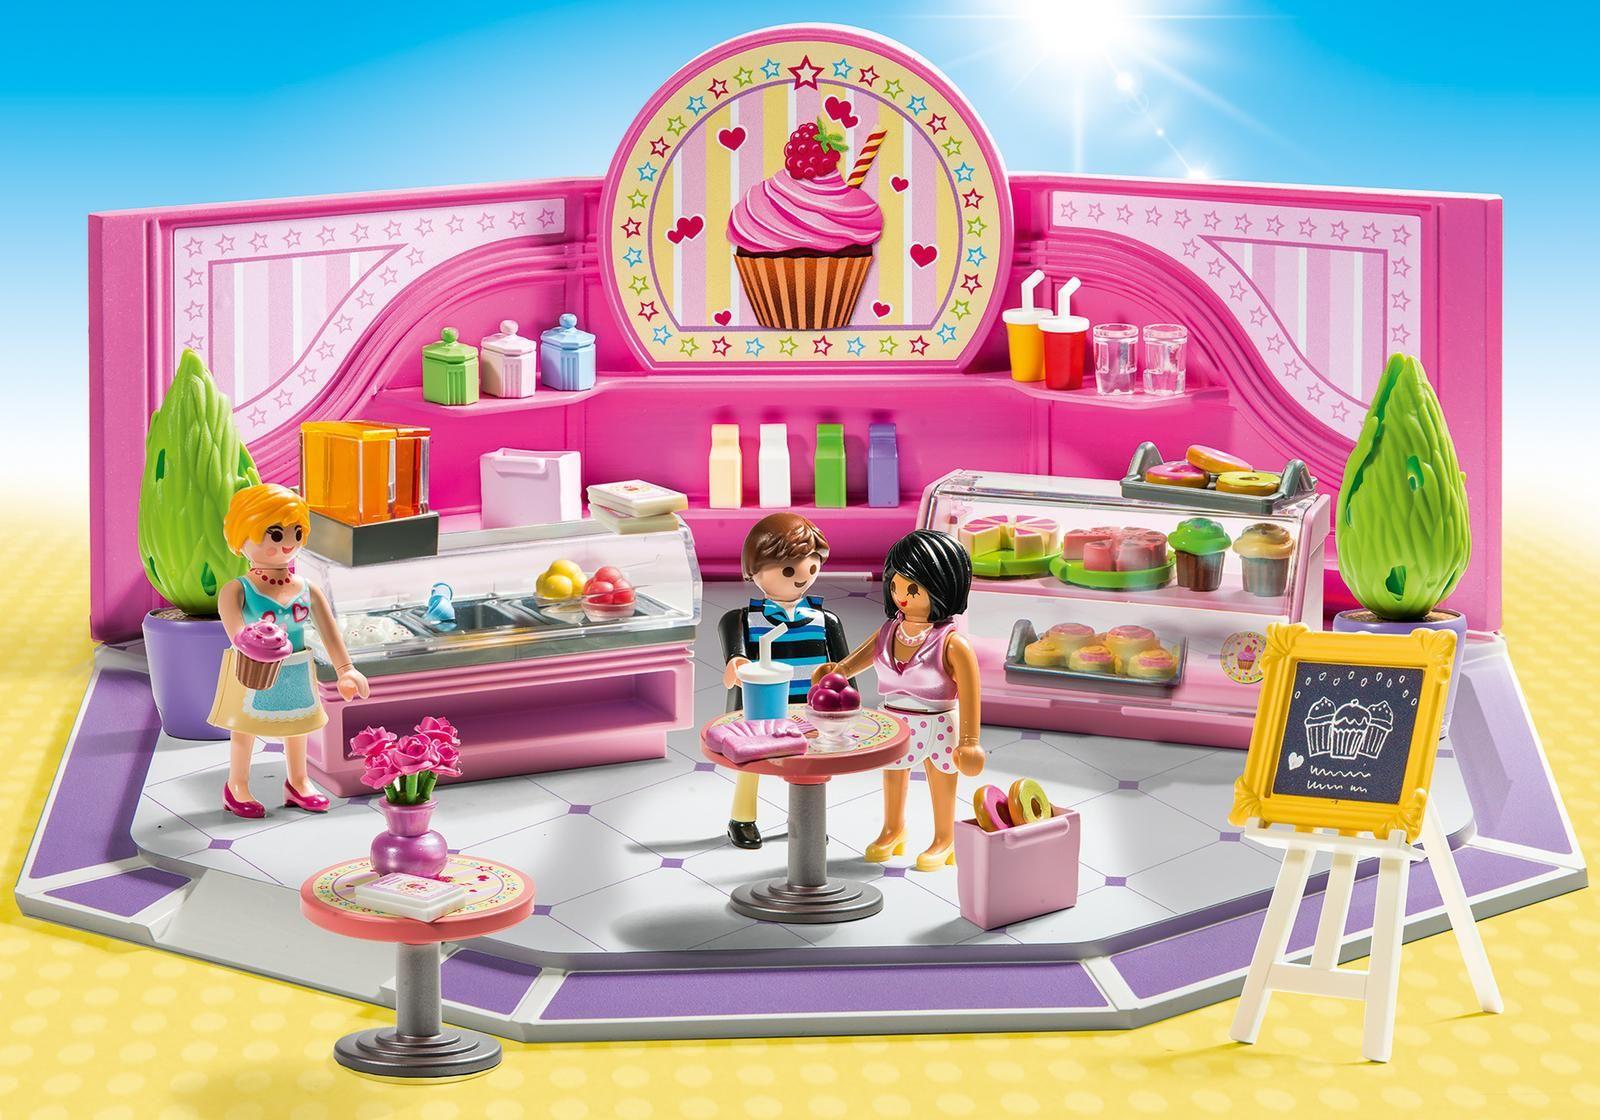 Купить Игровой набор - Шопинг: Кондитерский магазин, Playmobil